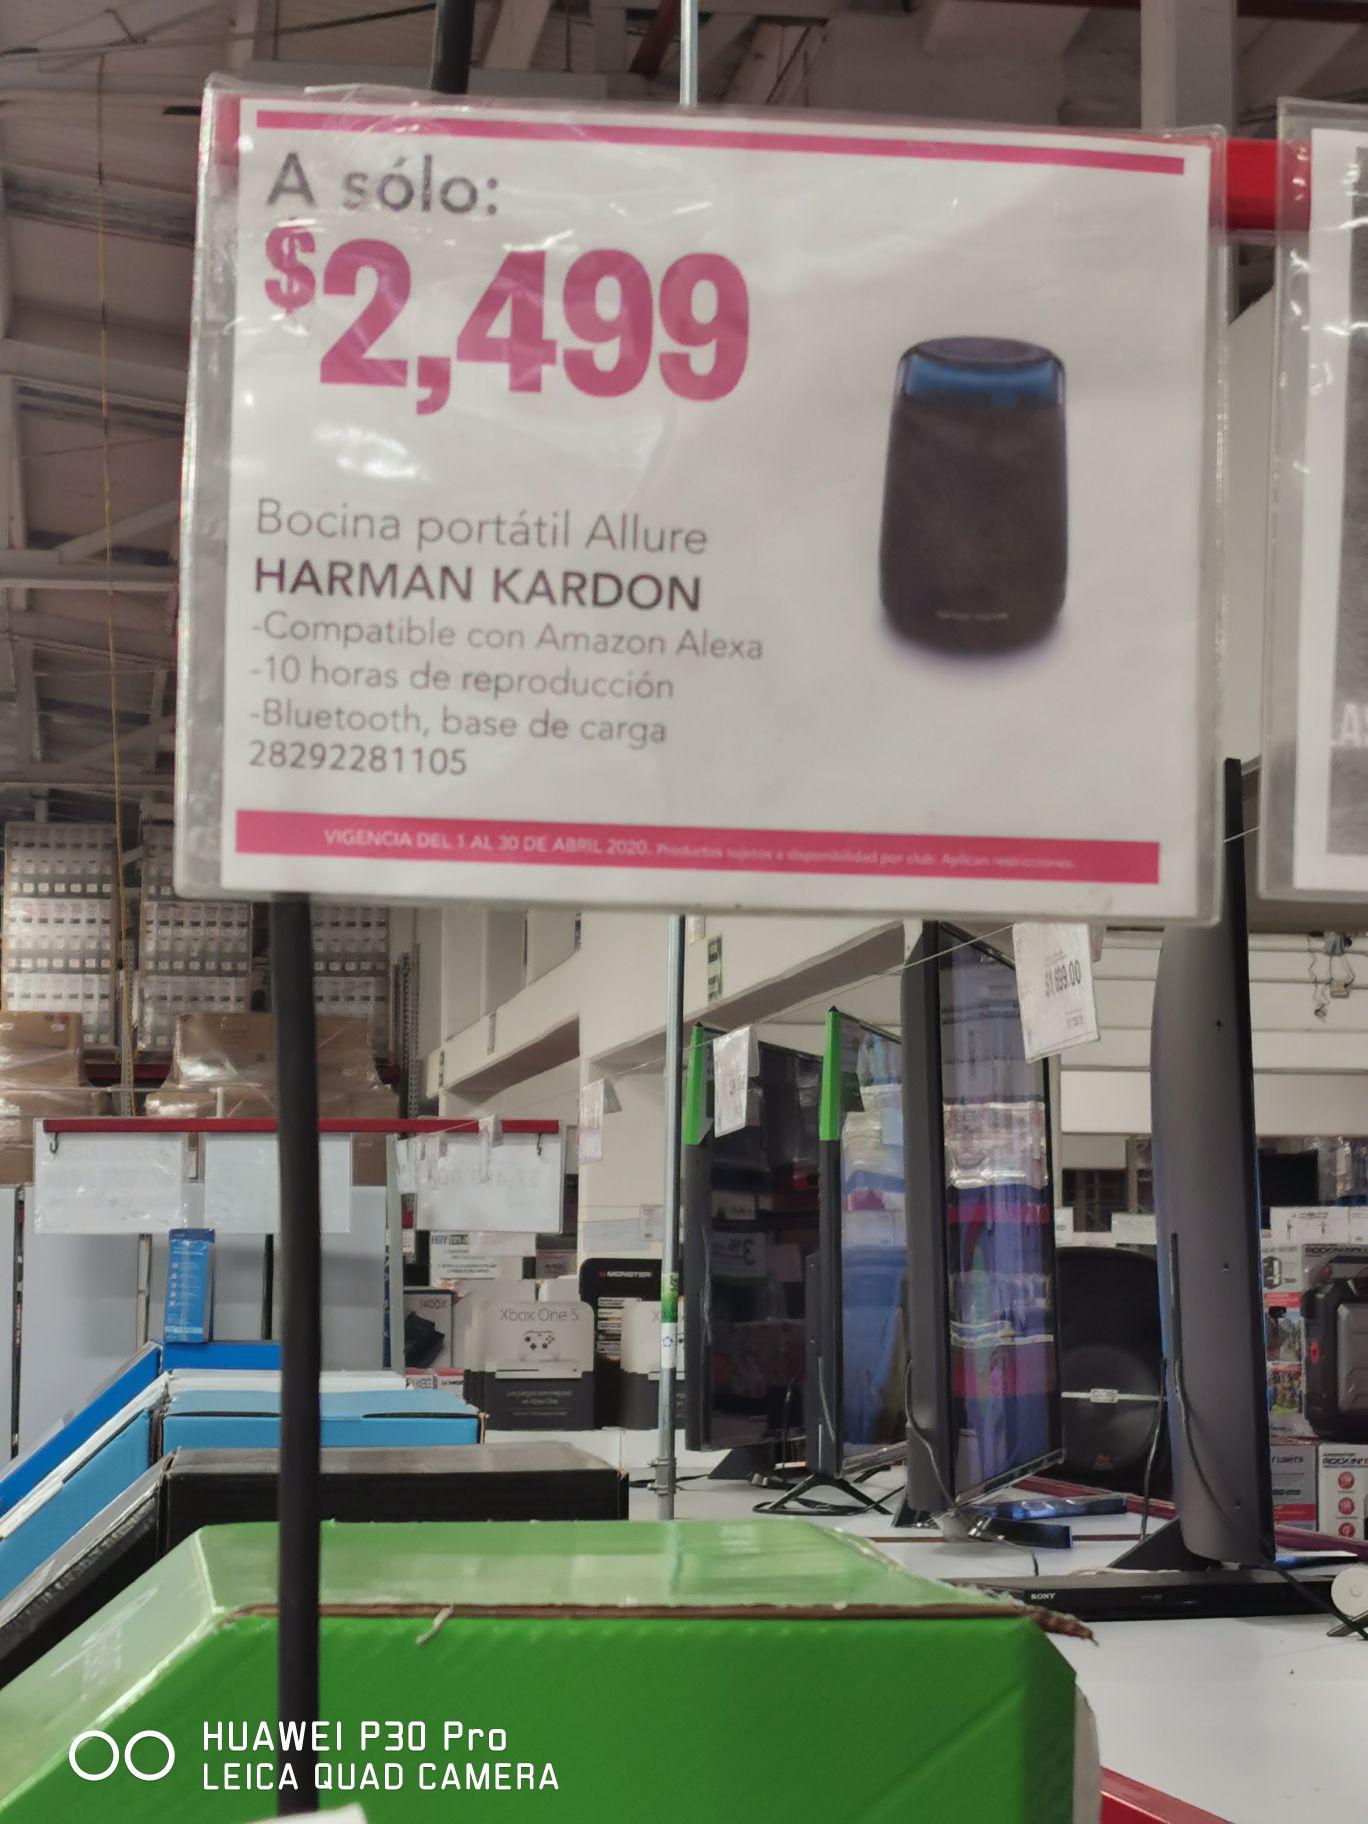 City Club: Harman Kardon Allure Portable con 42% de descuento